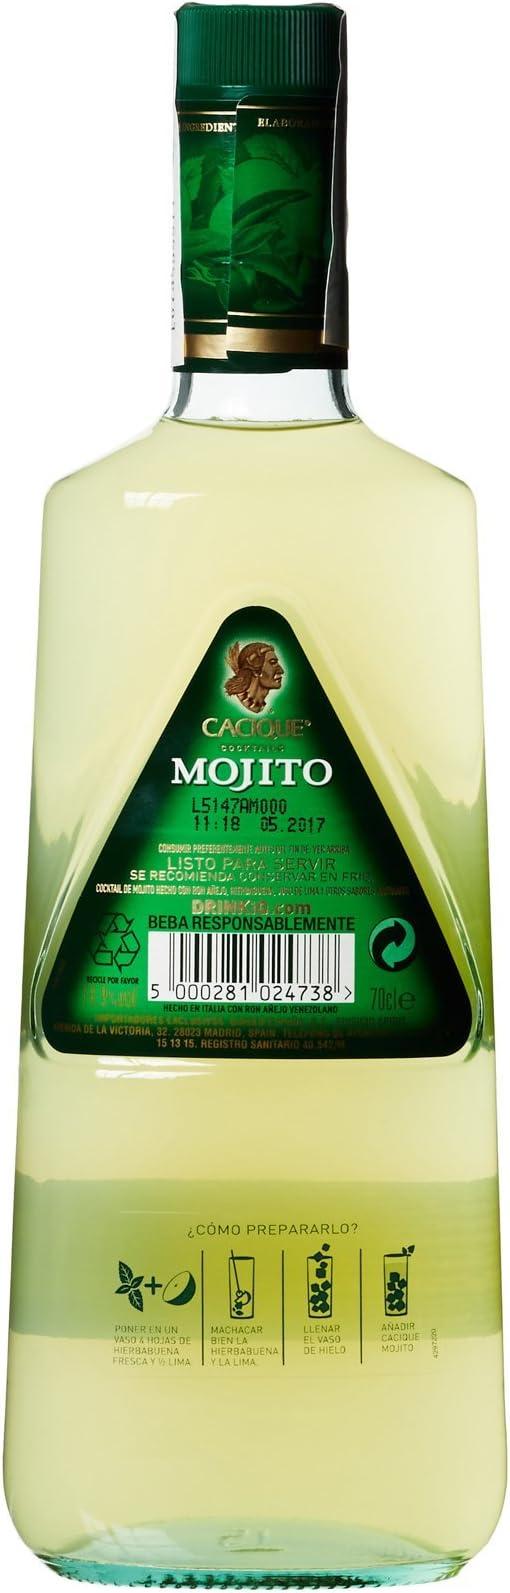 Cacique Pre-Mezclado Y Listo Para Beber - 700 ml